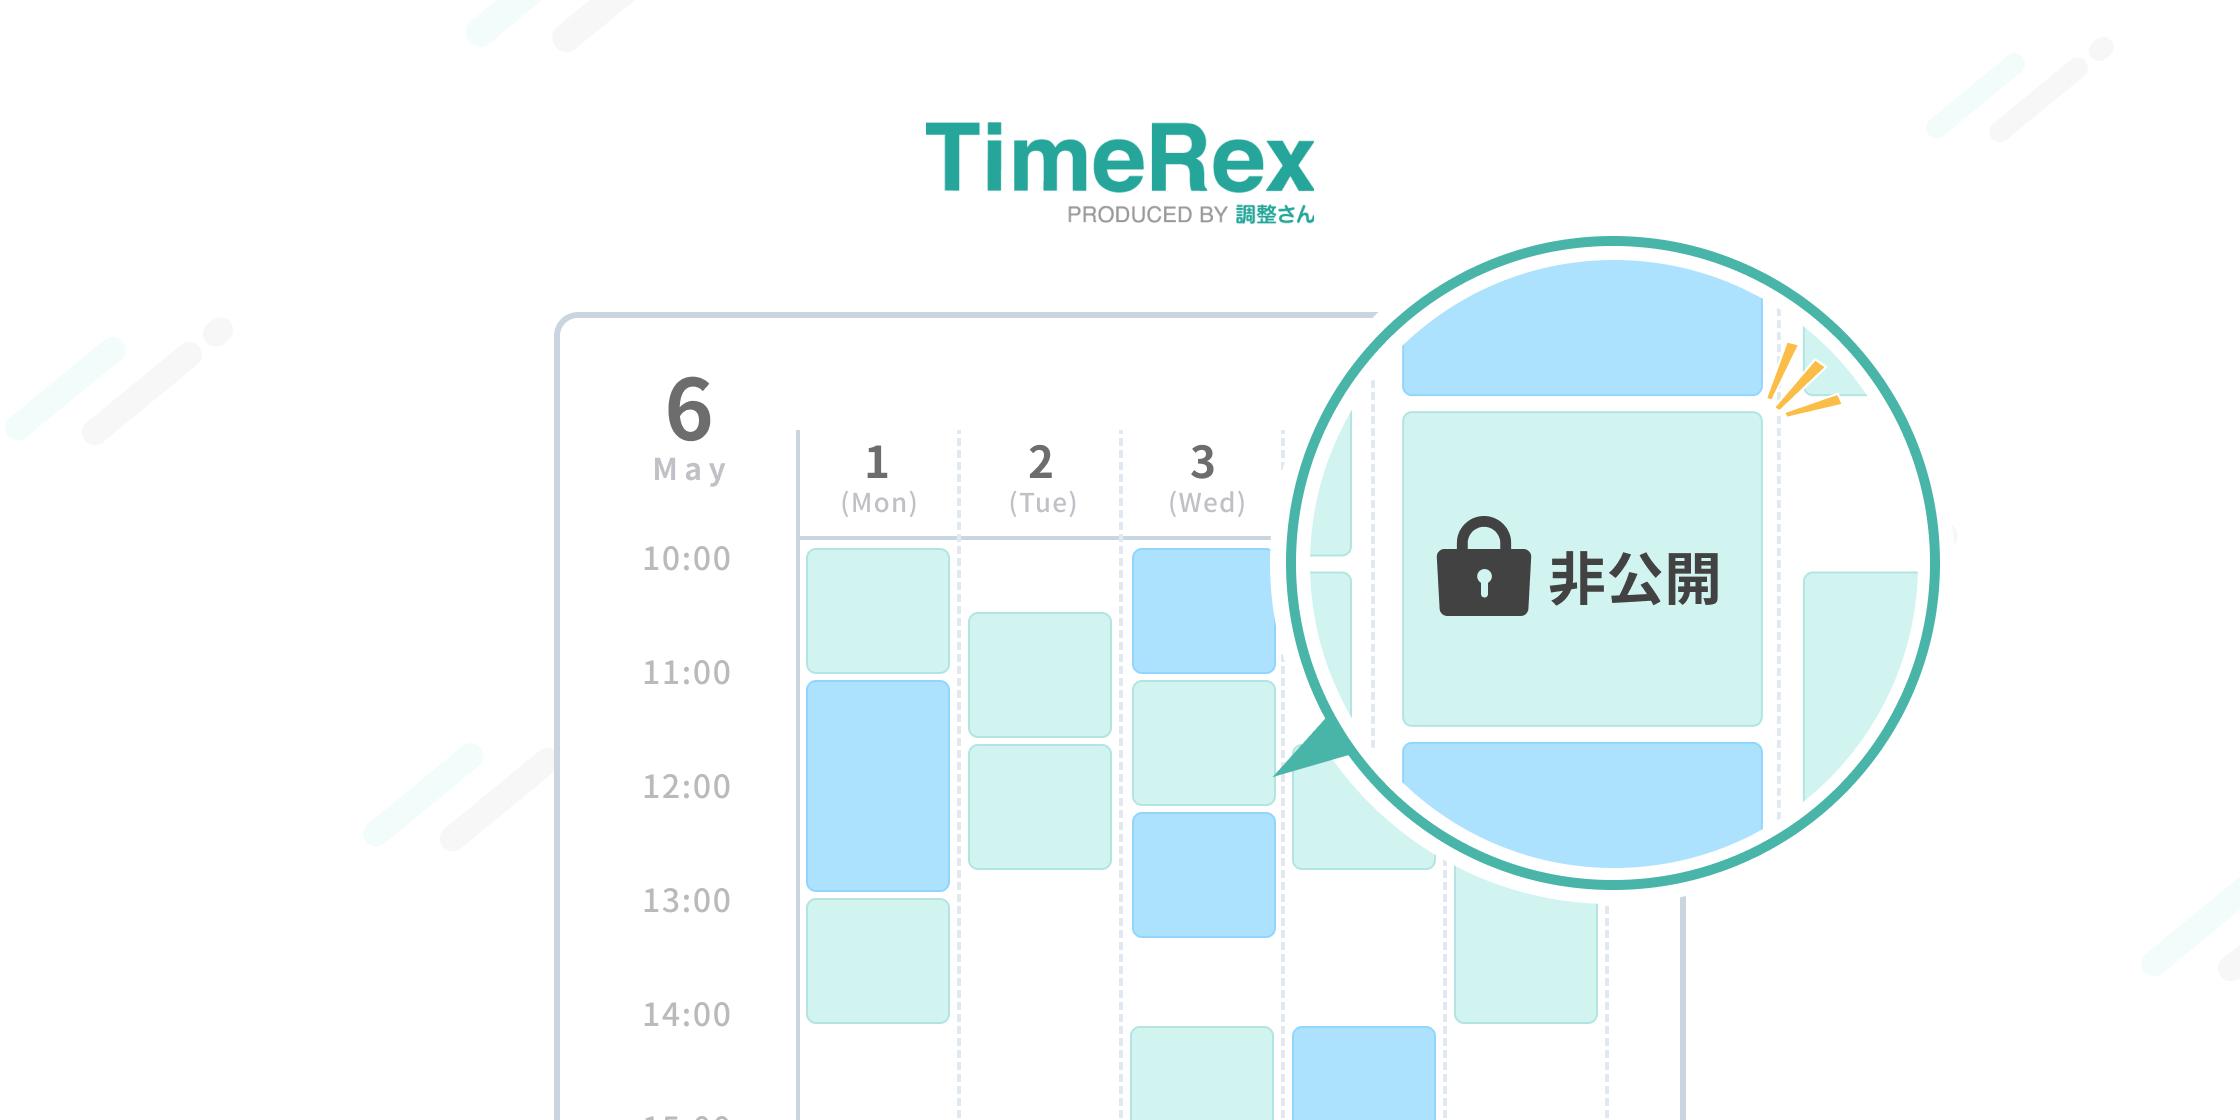 TimeRexからの予定を非公開予定として登録できるようになりました